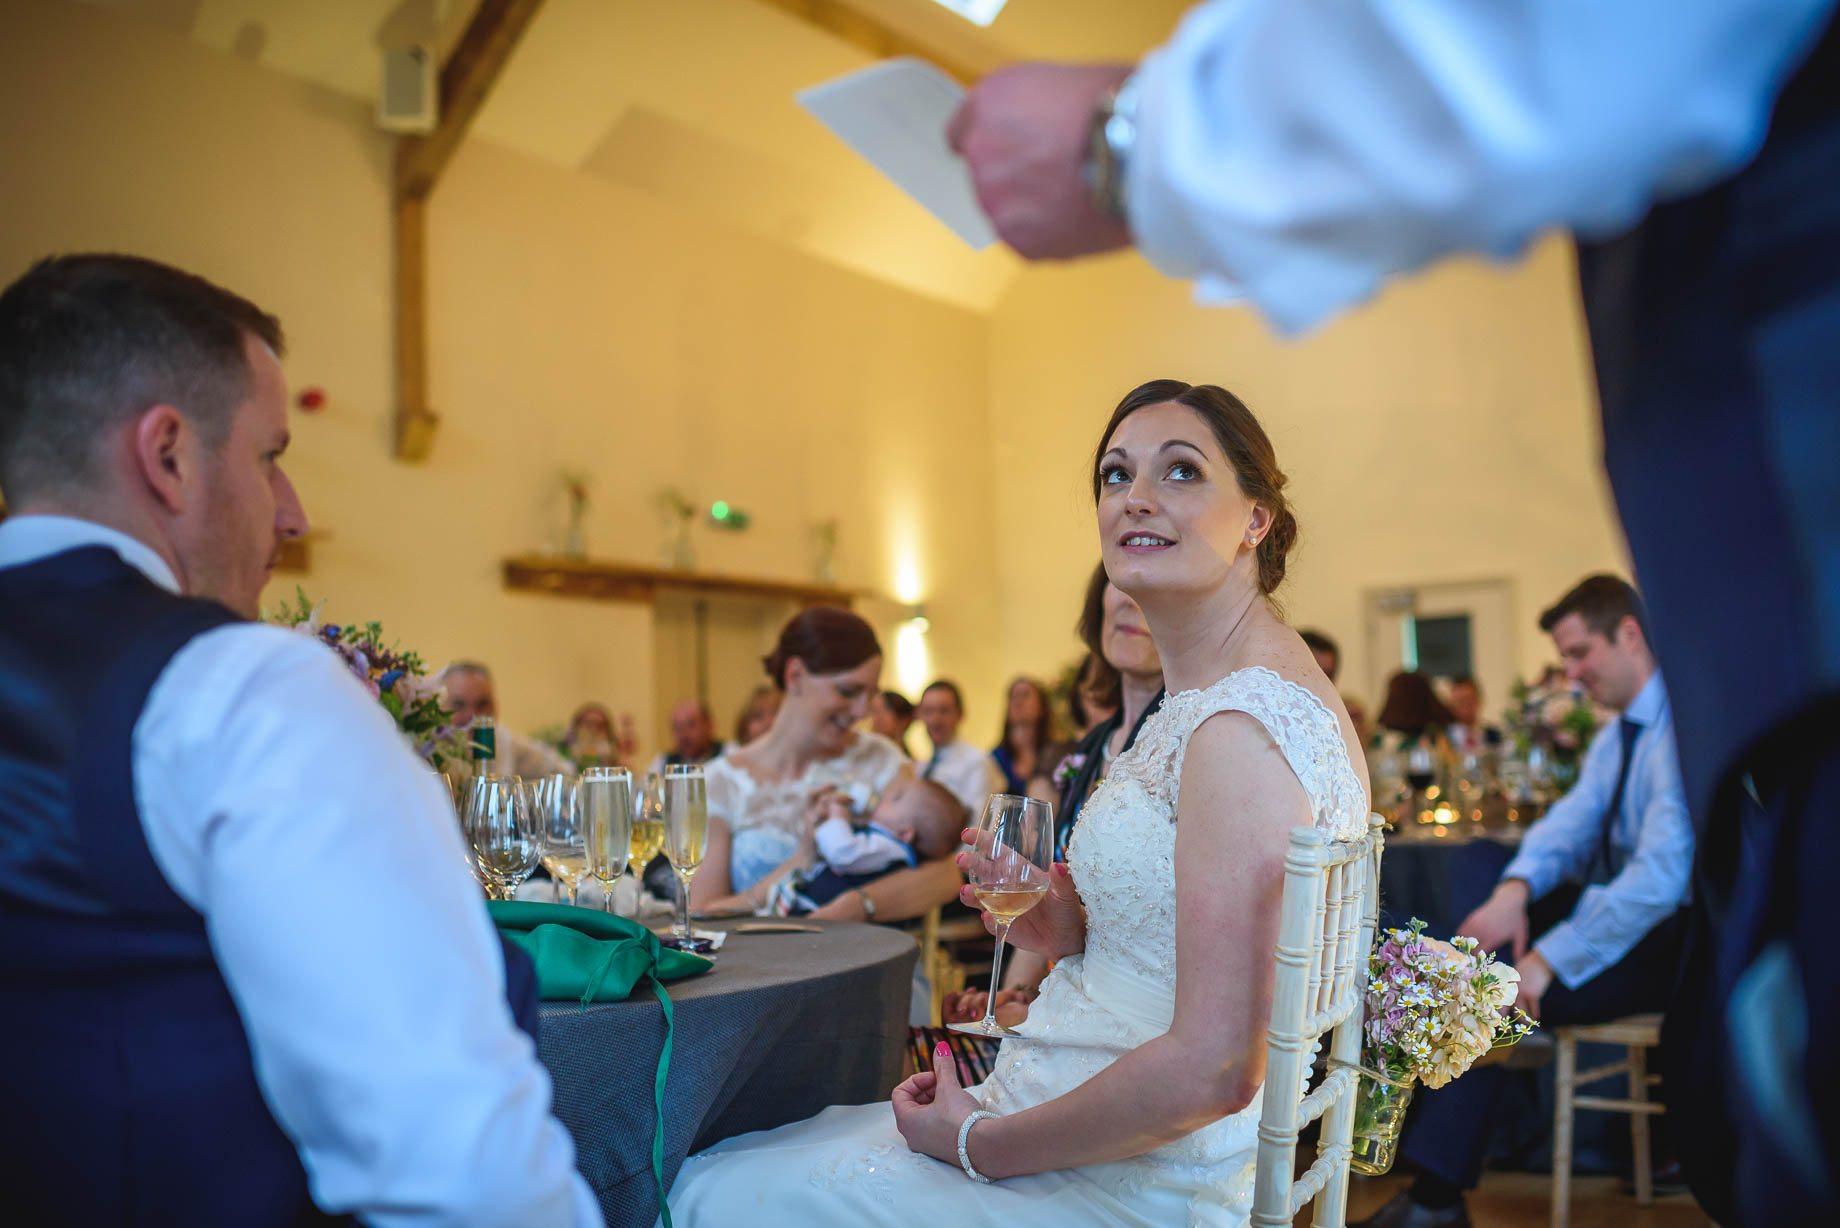 Millbridge Court Wedding Photography - Lisa and Daniel (130 of 173)